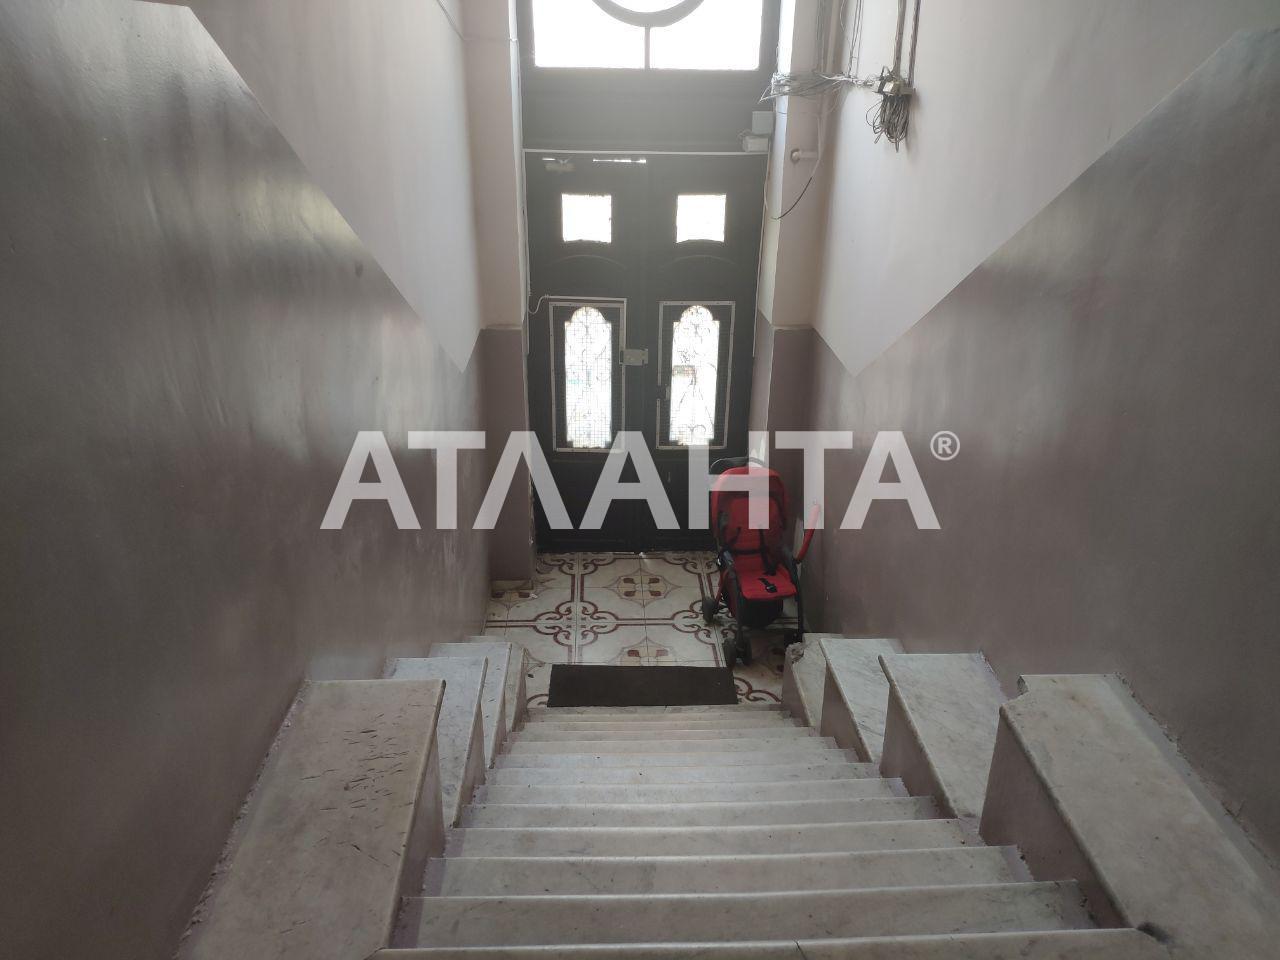 Продается 3-комнатная Квартира на ул. Бунина (Розы Люксембург) — 65 000 у.е. (фото №9)